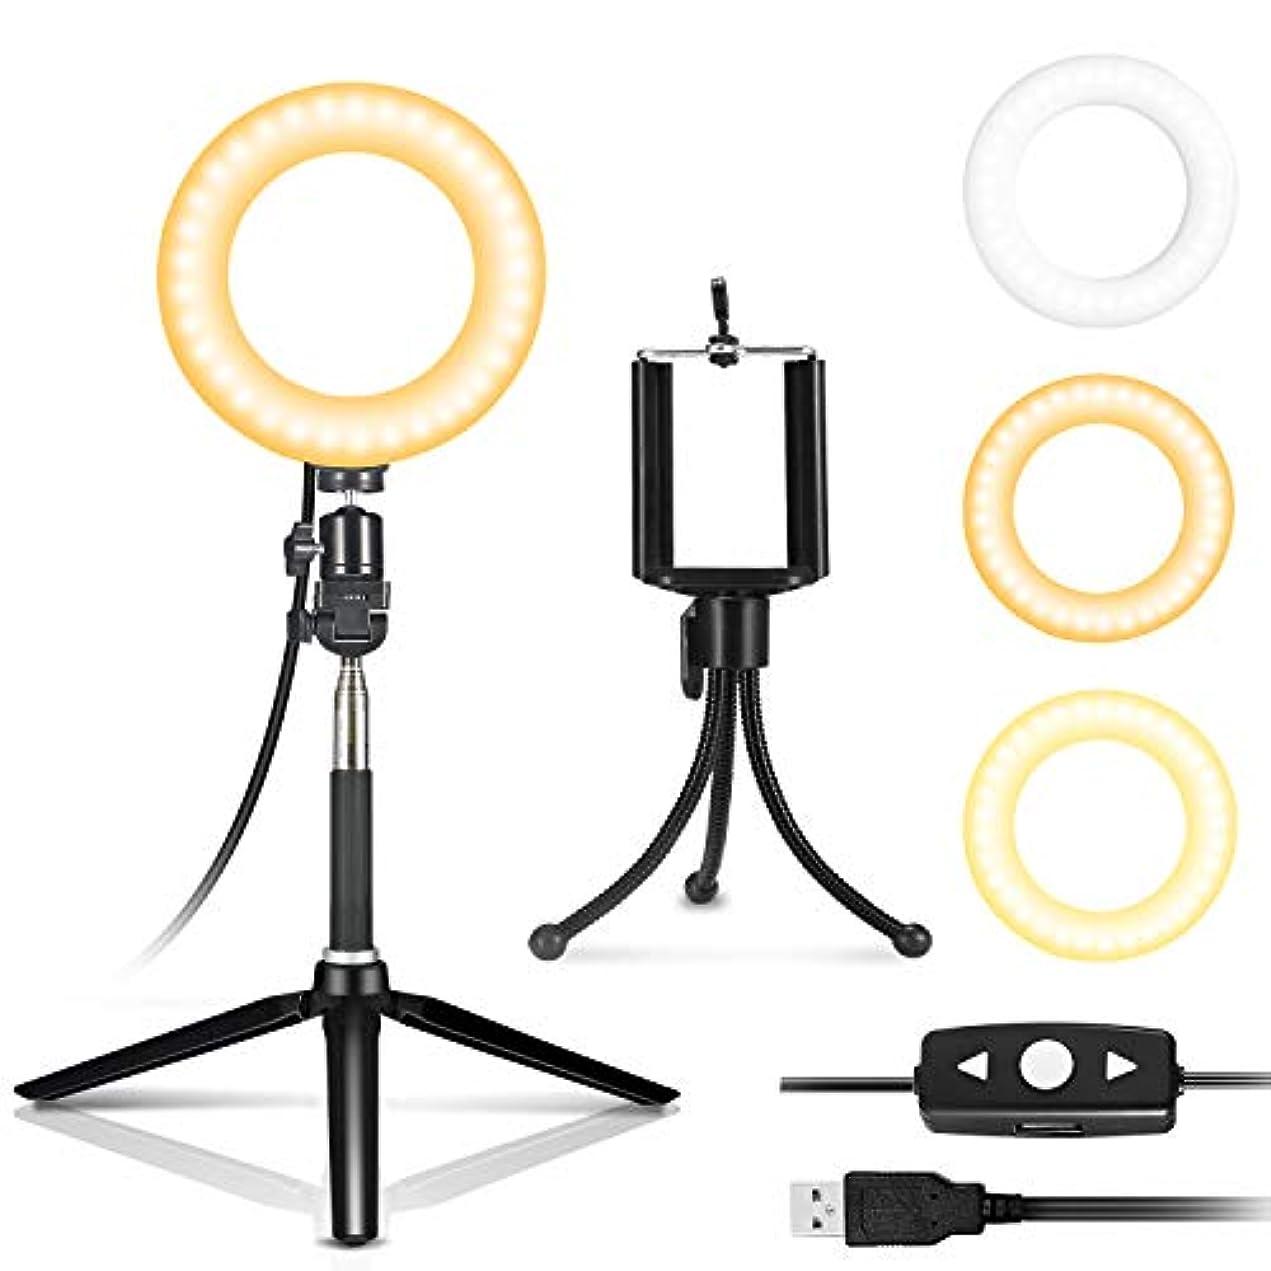 IDESION 自撮り補助セルフィー LEDライト ミラー 女優ライト 6インチ円形 3色調節可能 リモコン付き ハリウッドライト USB給電 日本語説明書付き